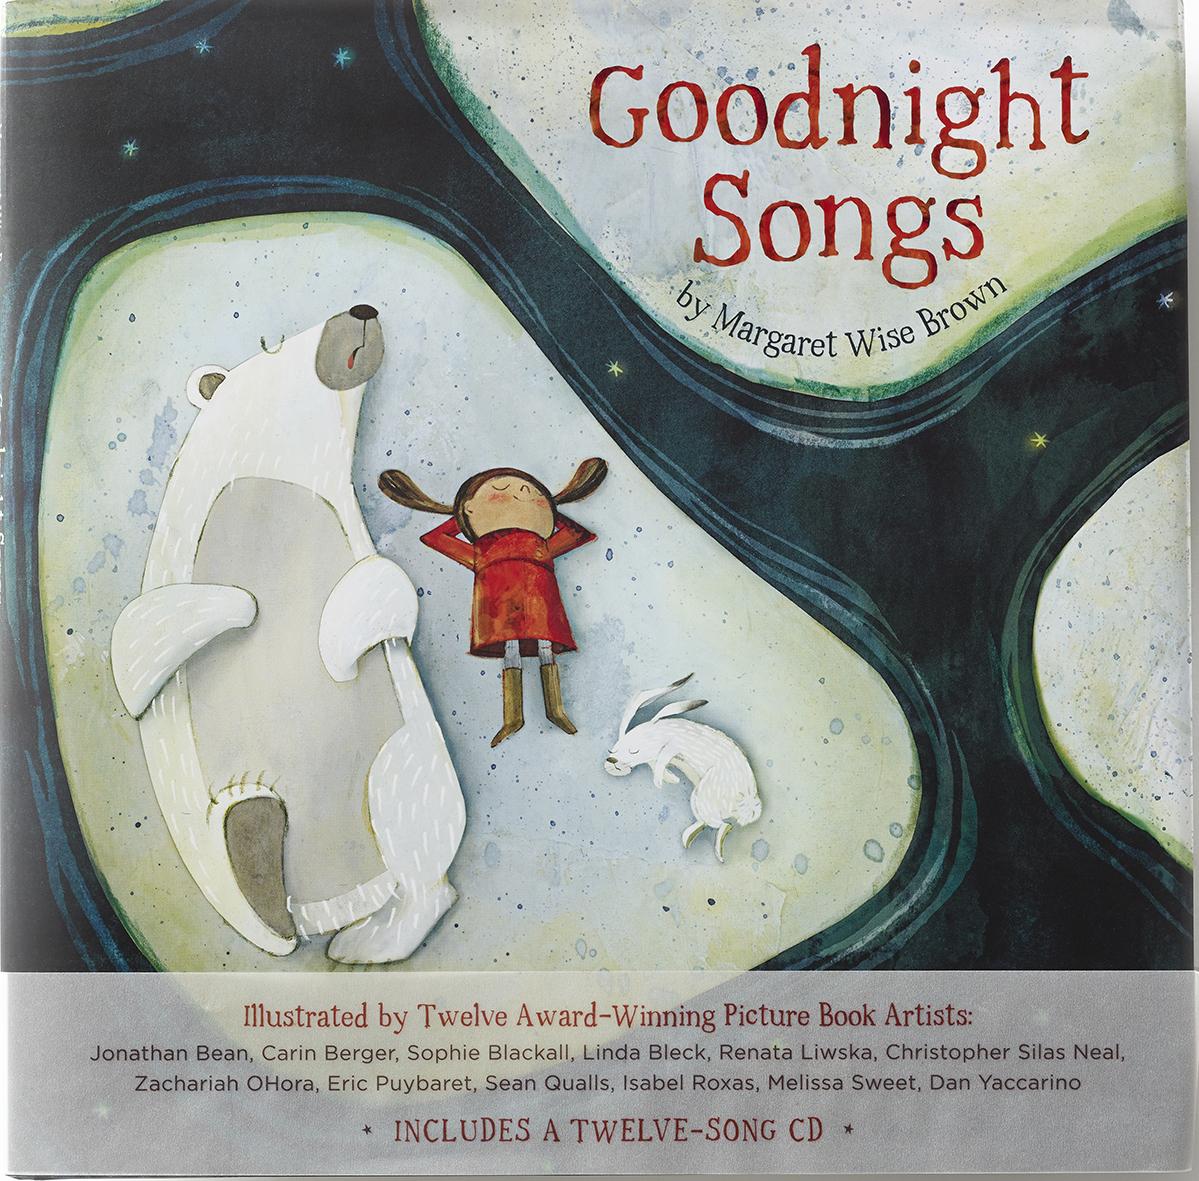 Goodnight Songs Cover.jpg